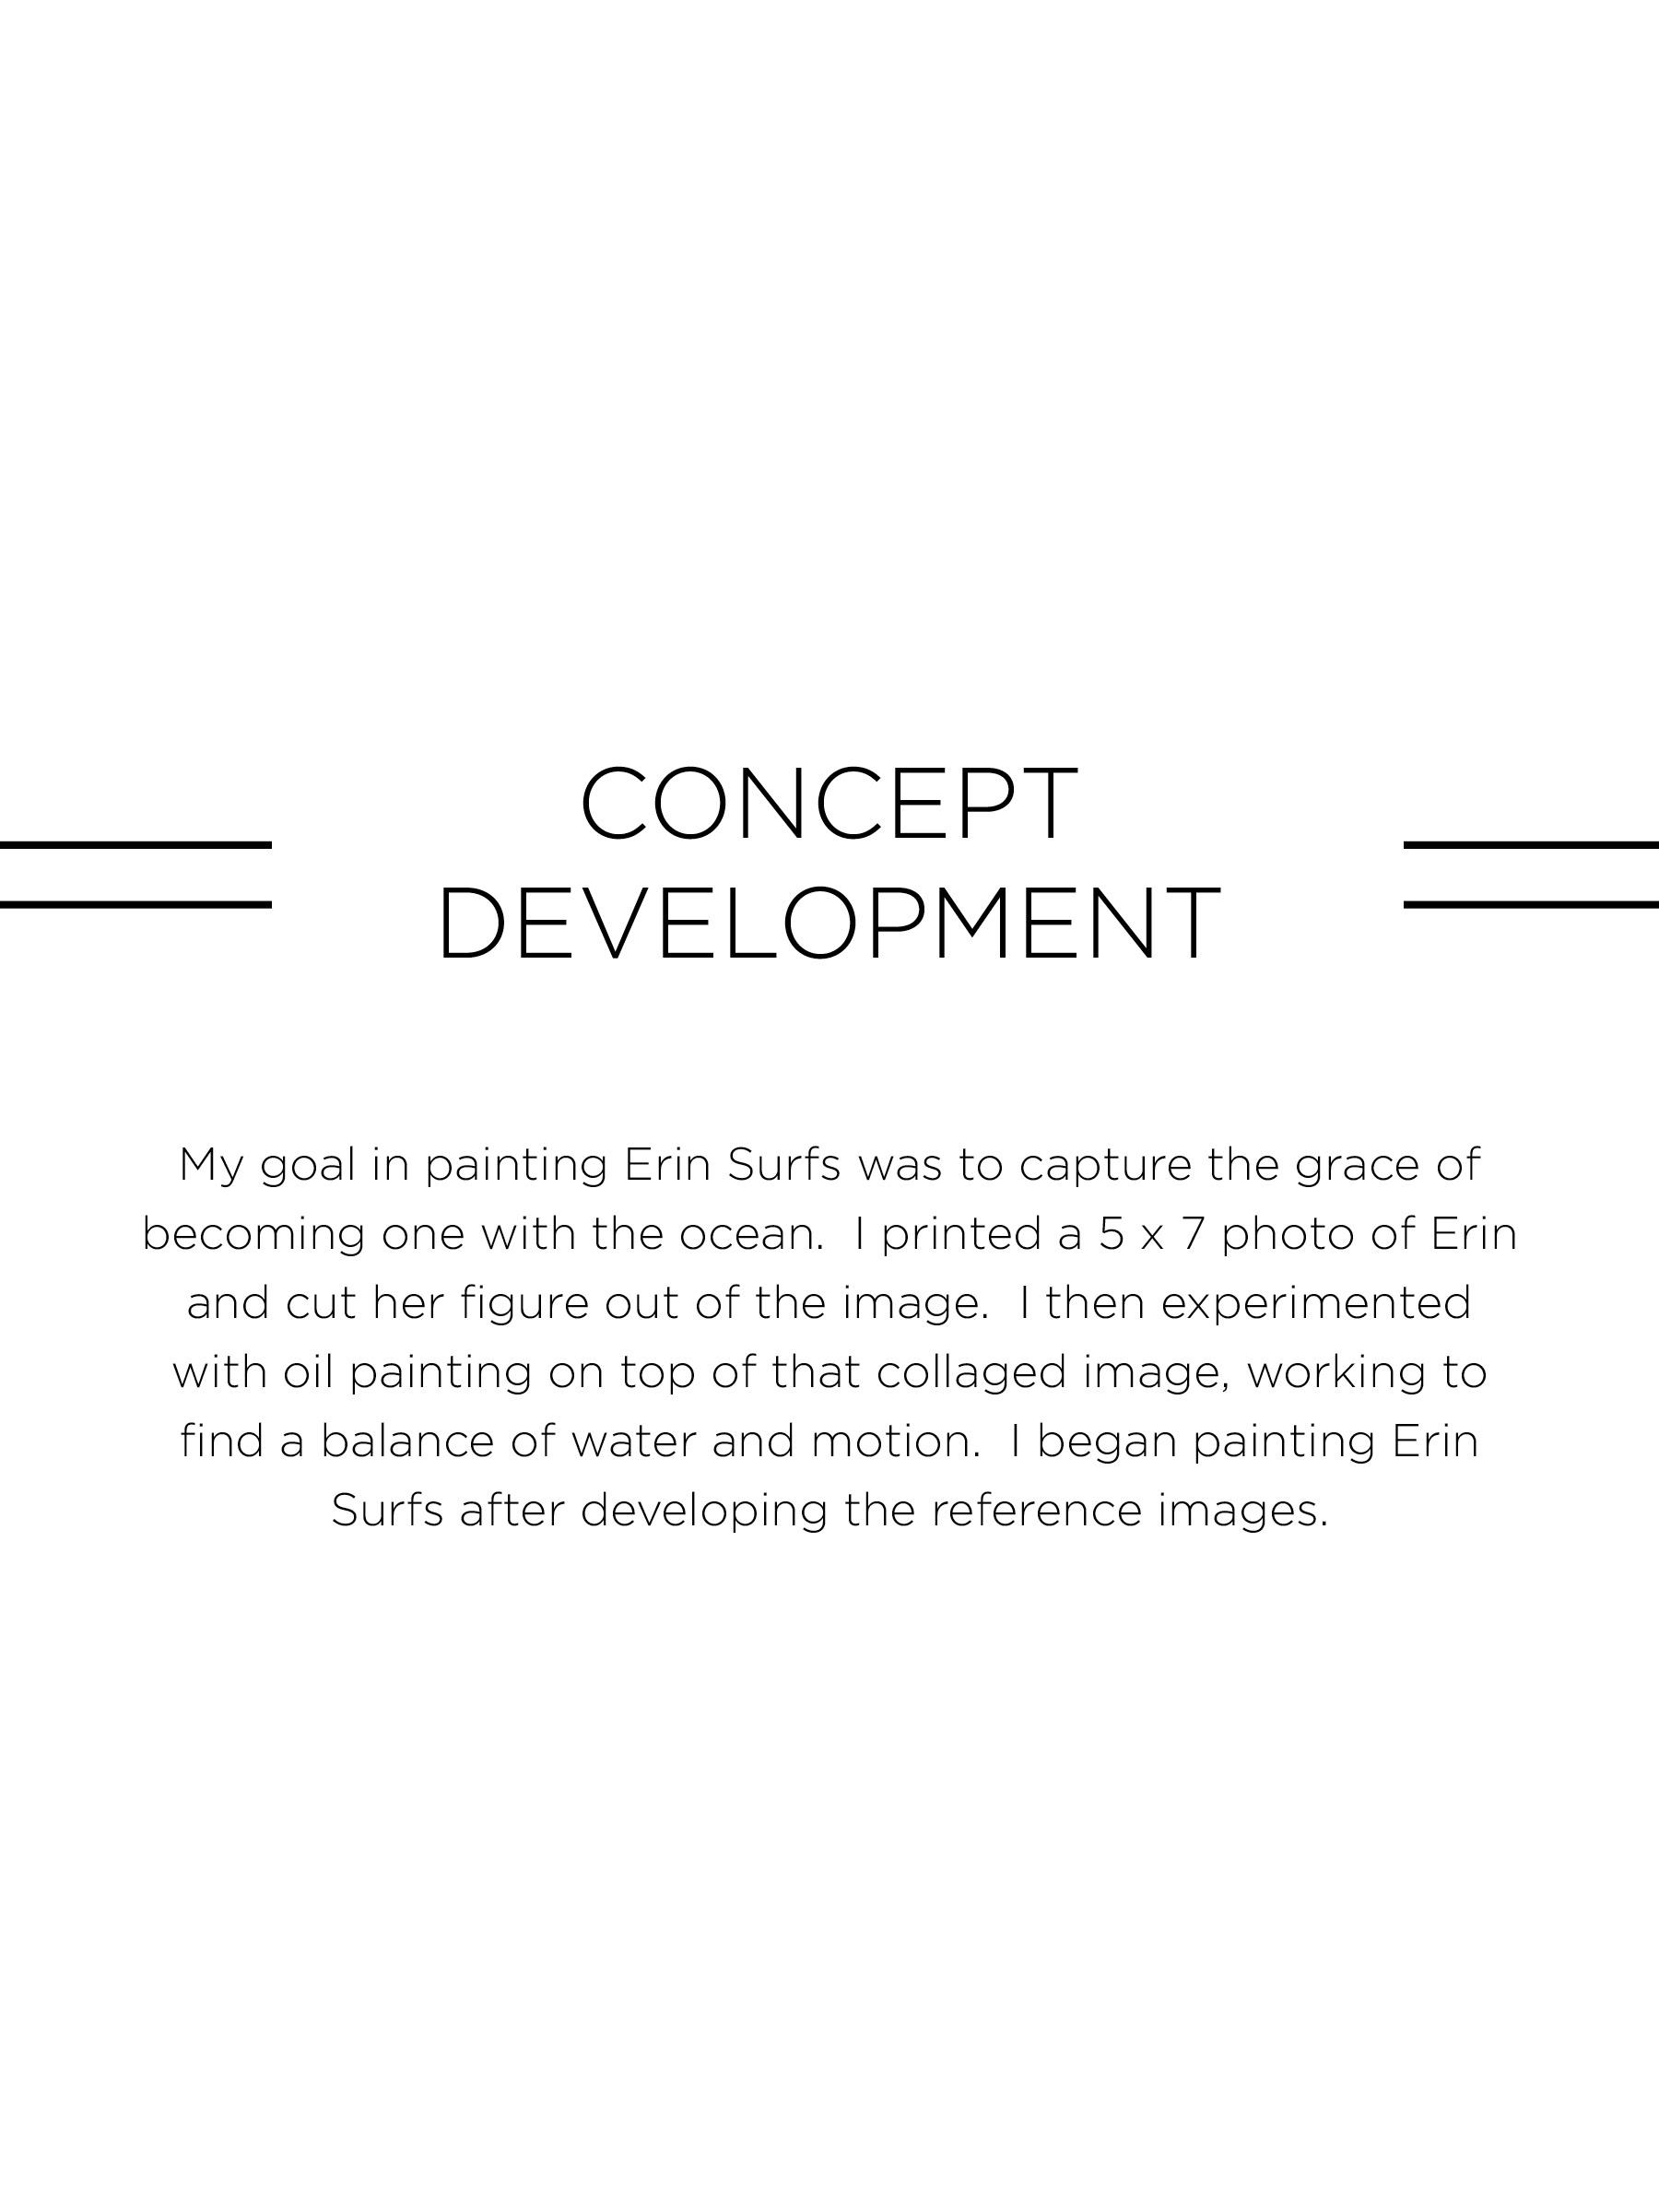 kelsey_napier_making_of_erin_surfs_4.jpg